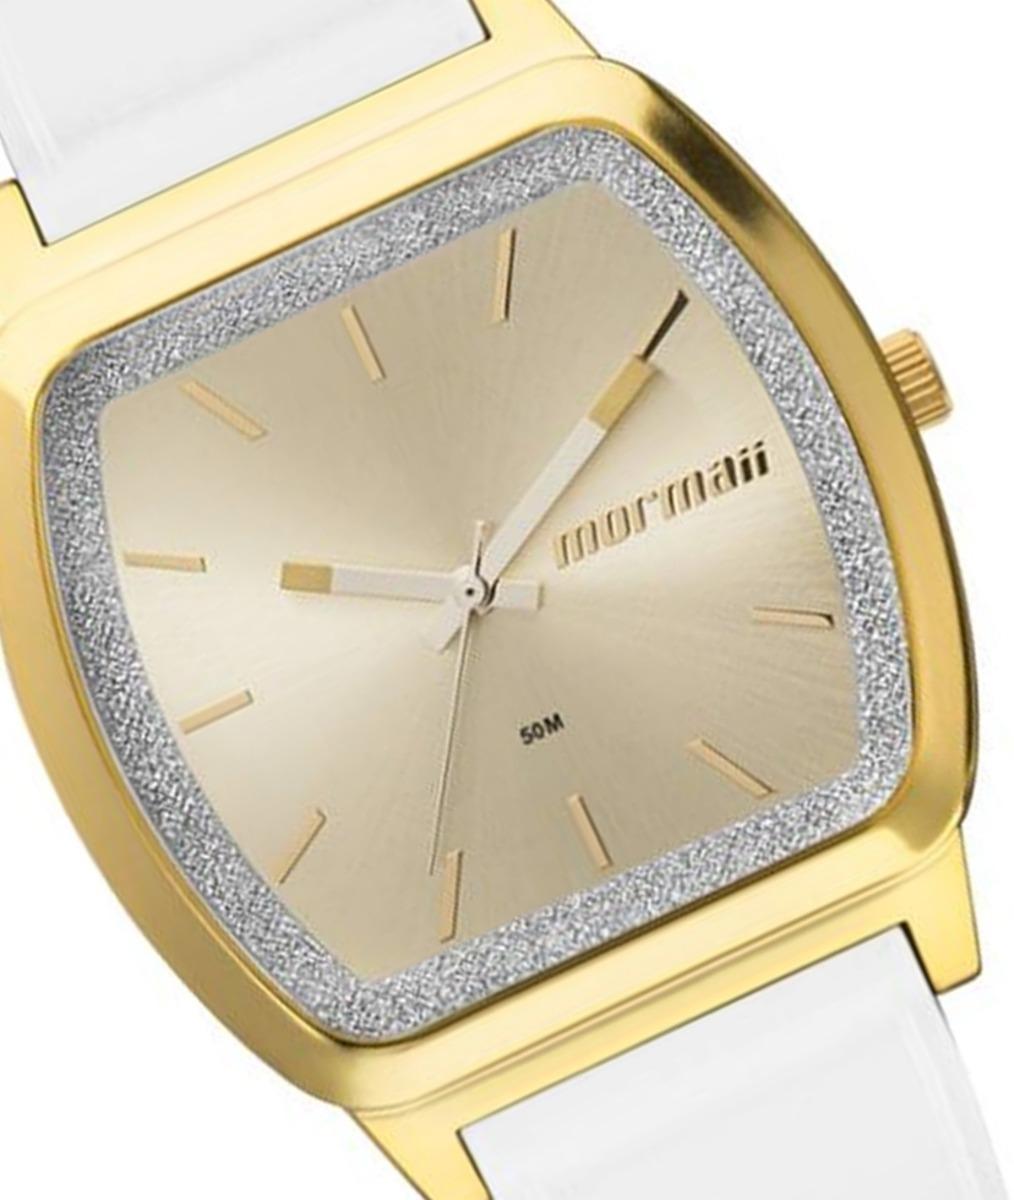 Relógio Mormaii Feminino Mo2036ey 8a Dourado Branco - R  149,90 em ... 8442a6c971